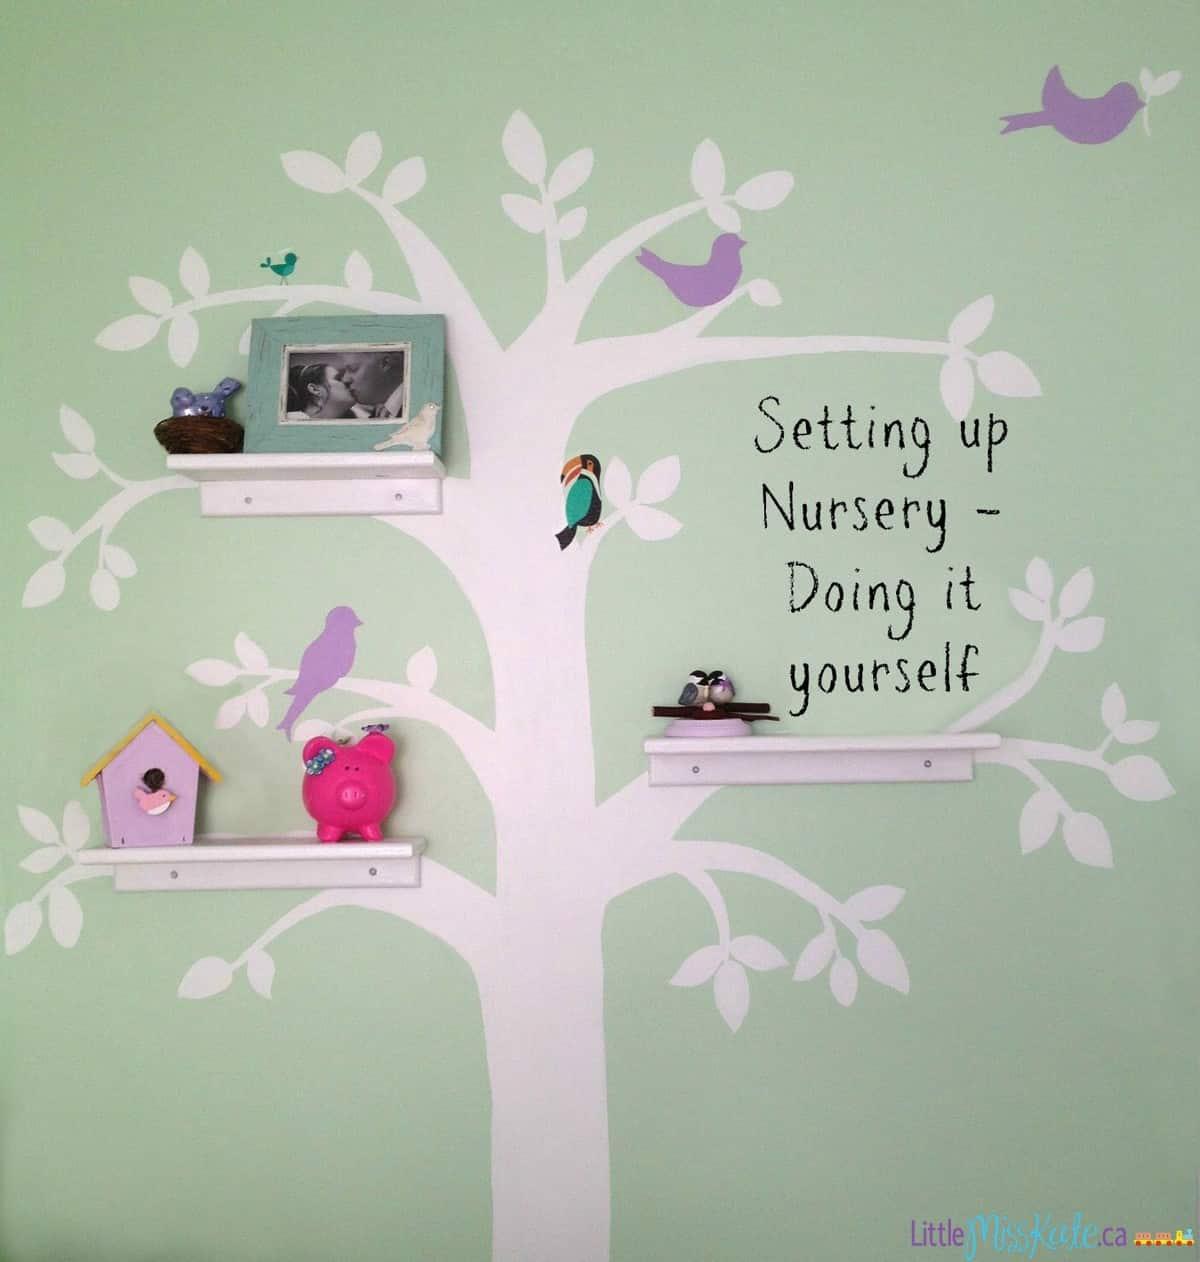 Setting up Nursery – Doing it Yourself